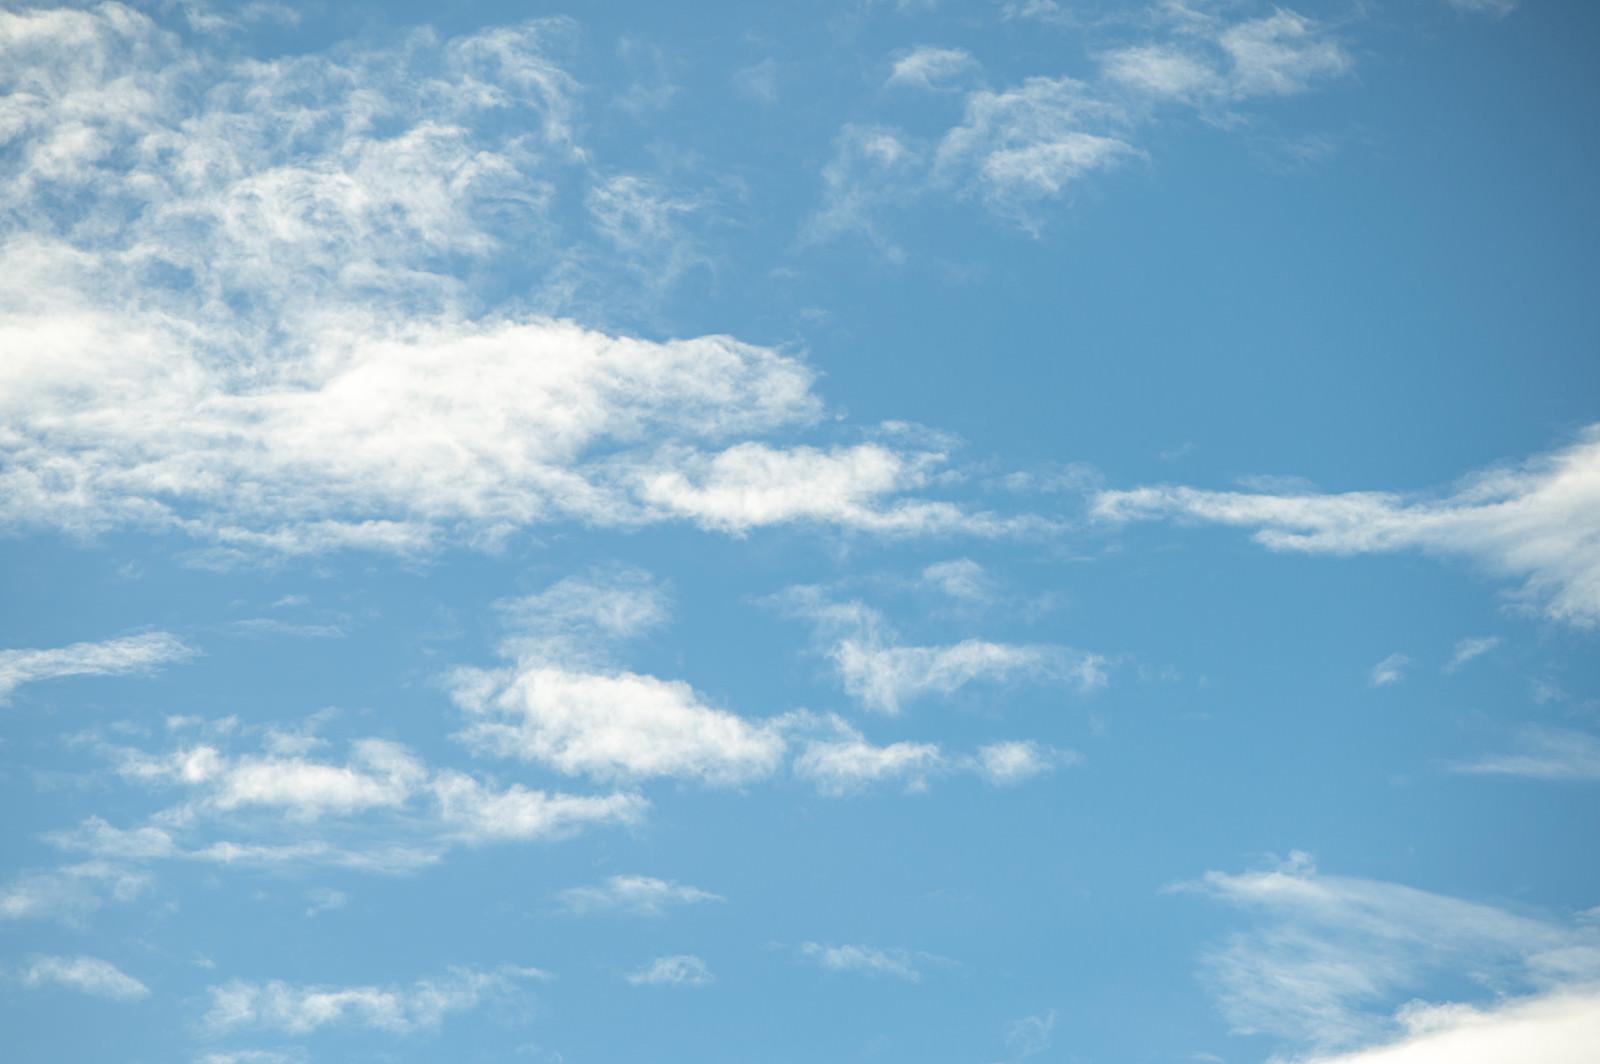 「見上げた空と雲」の写真